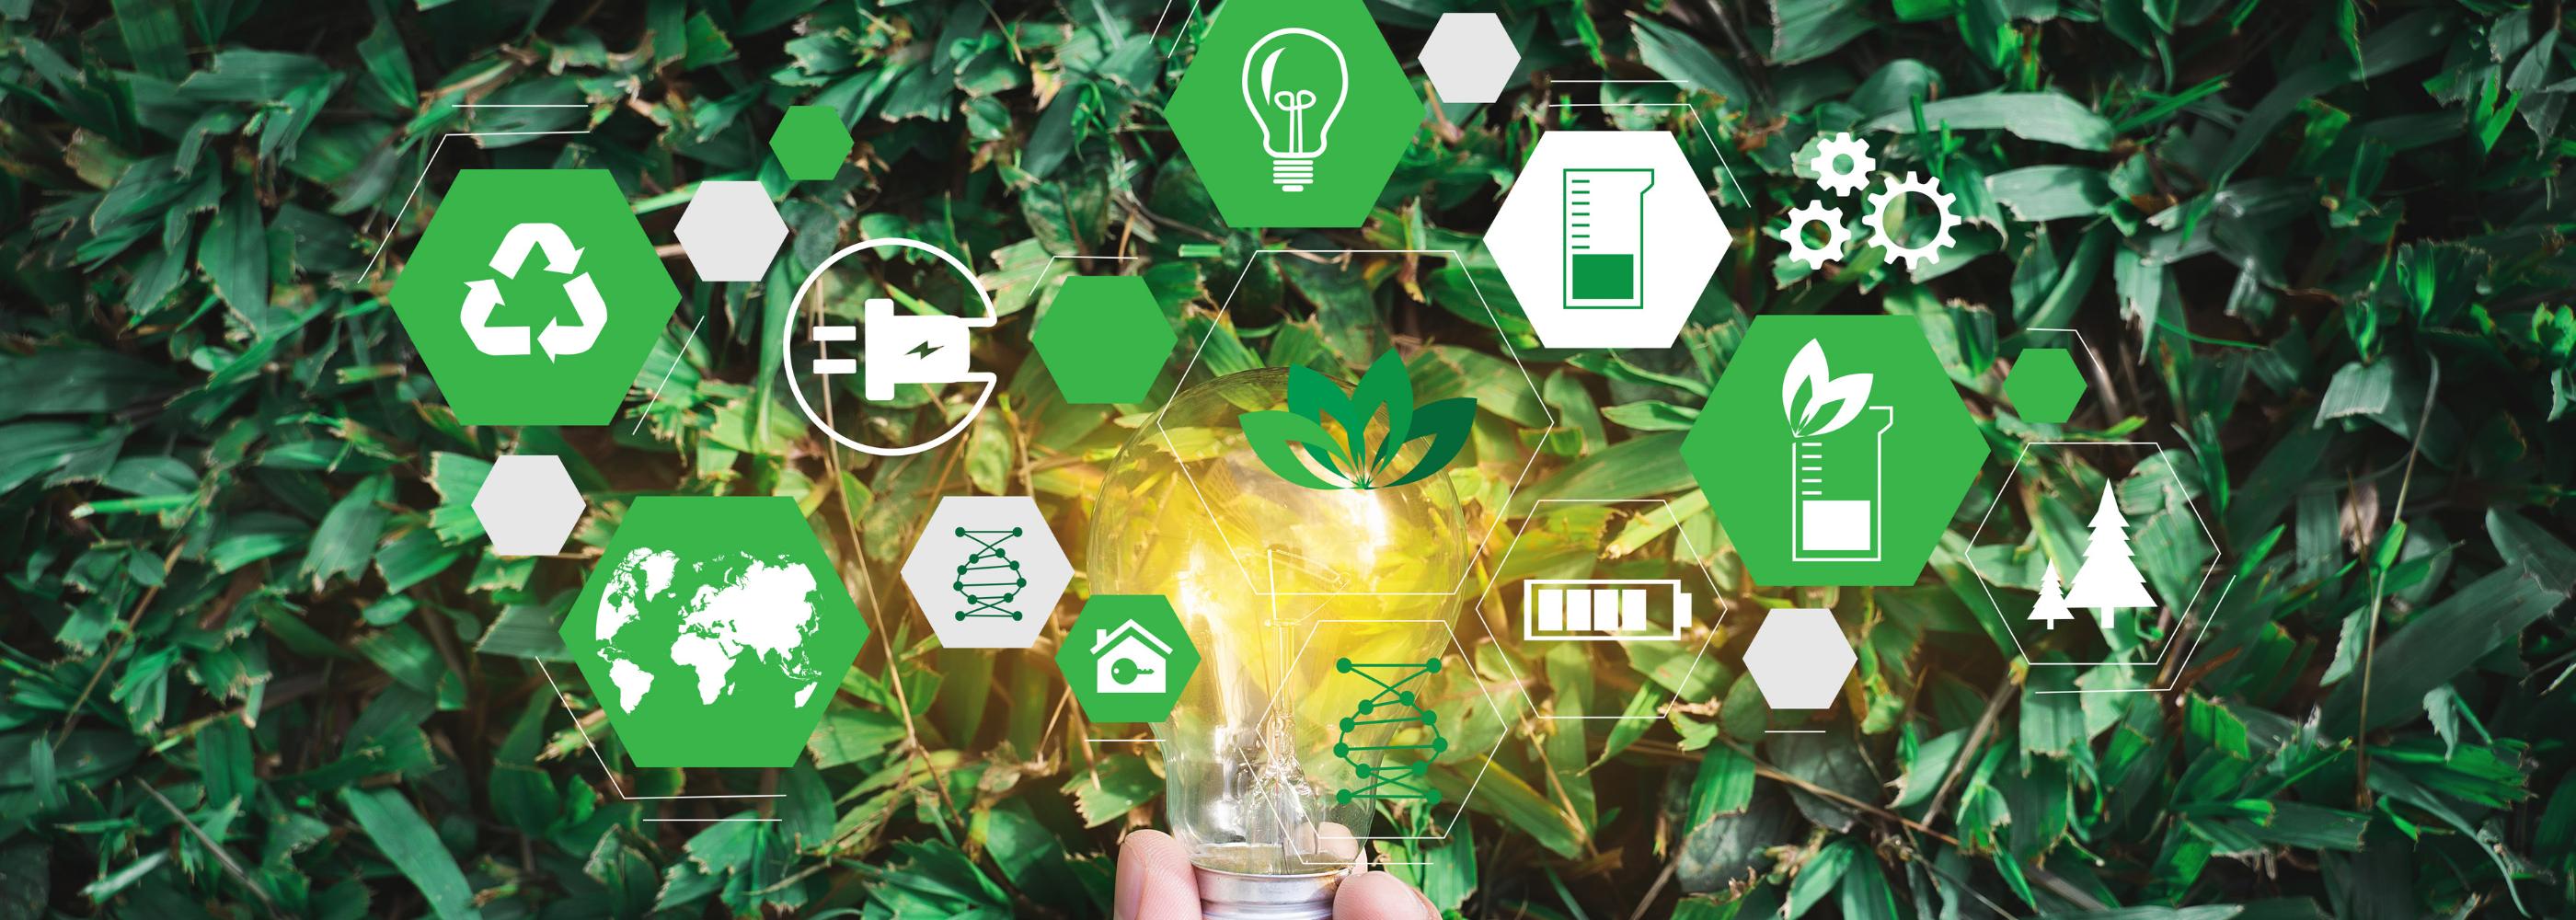 Hoe de Service logic een bedrijf kan helpen om duurzamer te presteren